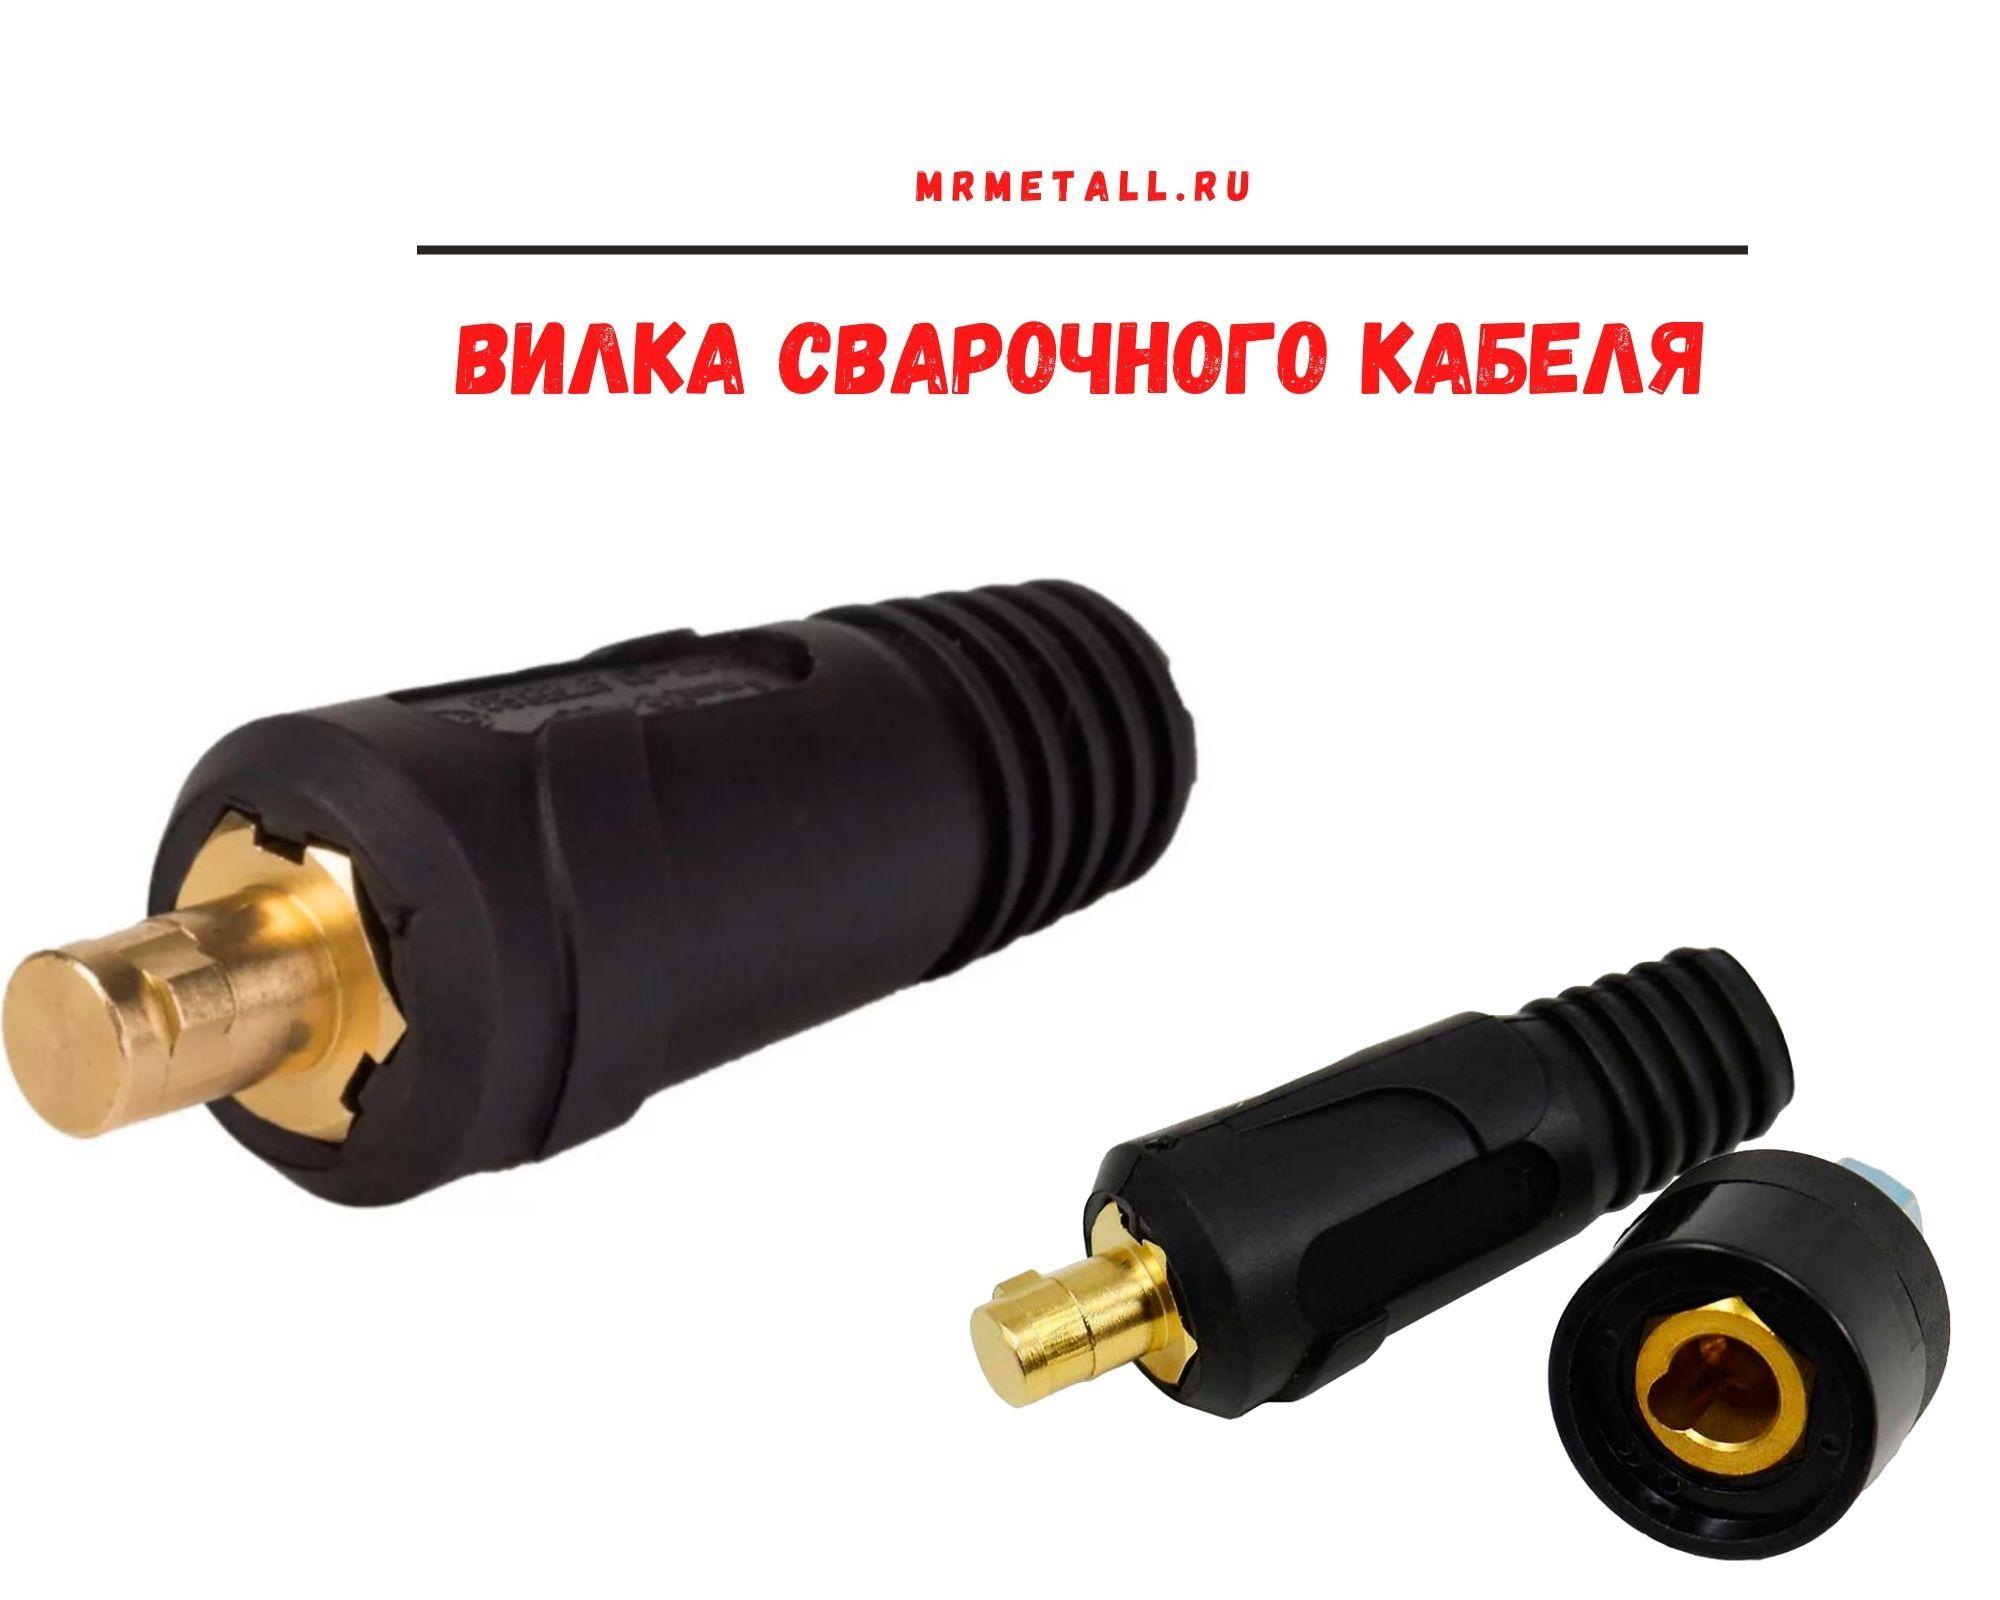 Vilka svar kabel